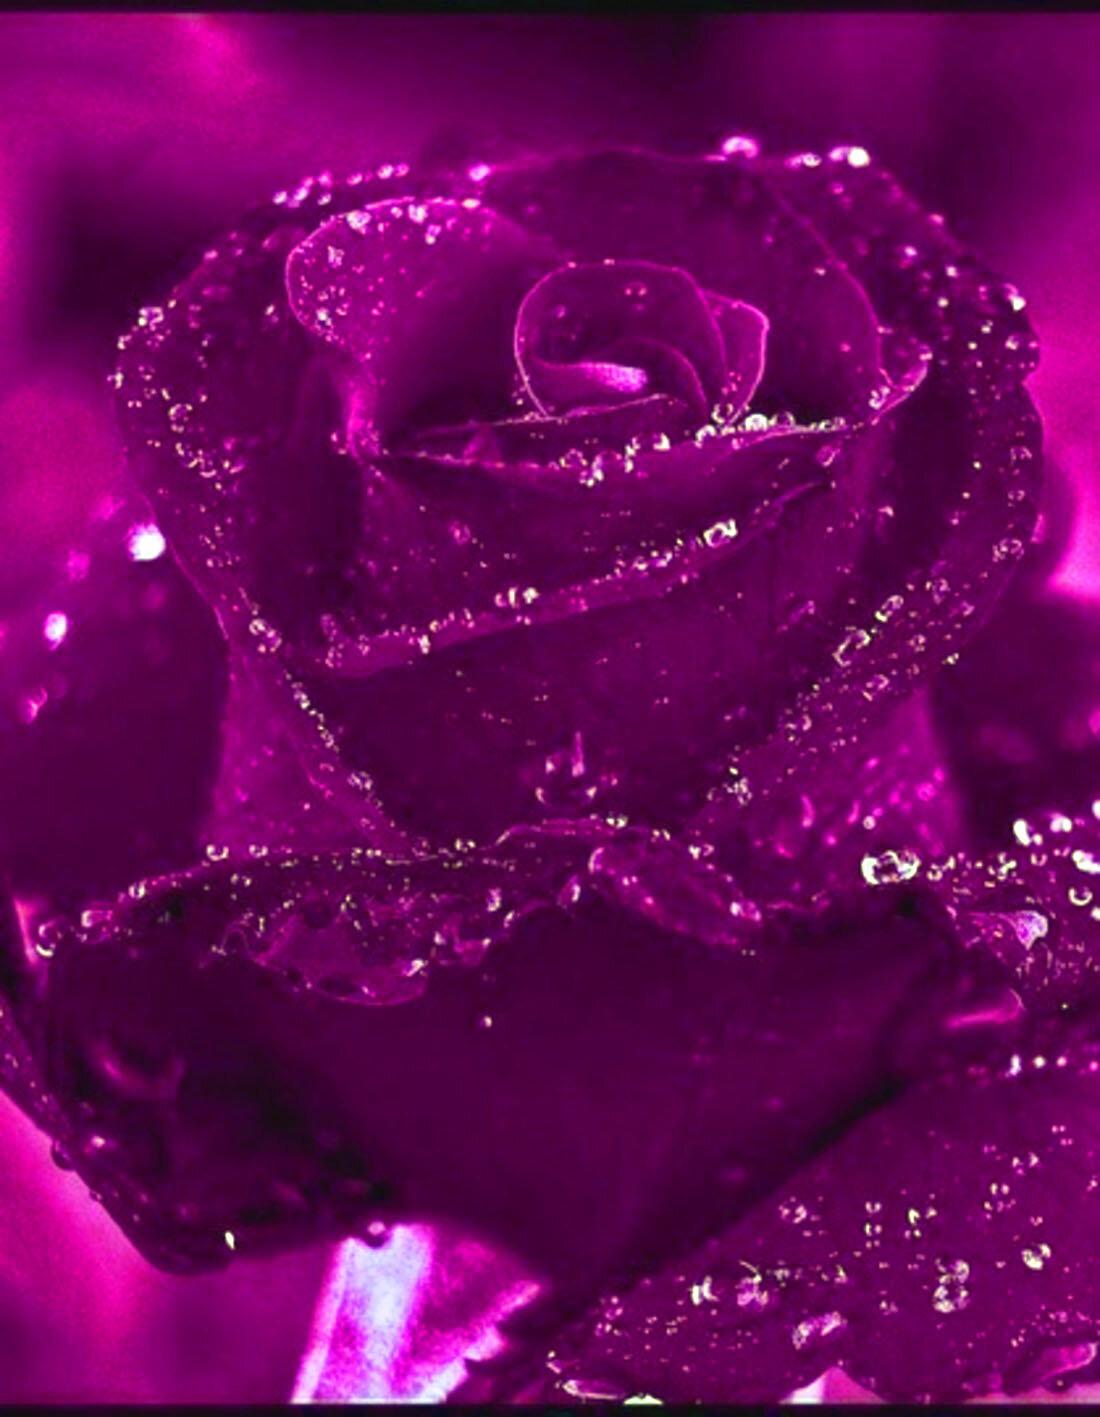 иллюстраторе обрезать картинки розы переливаются картины холсте